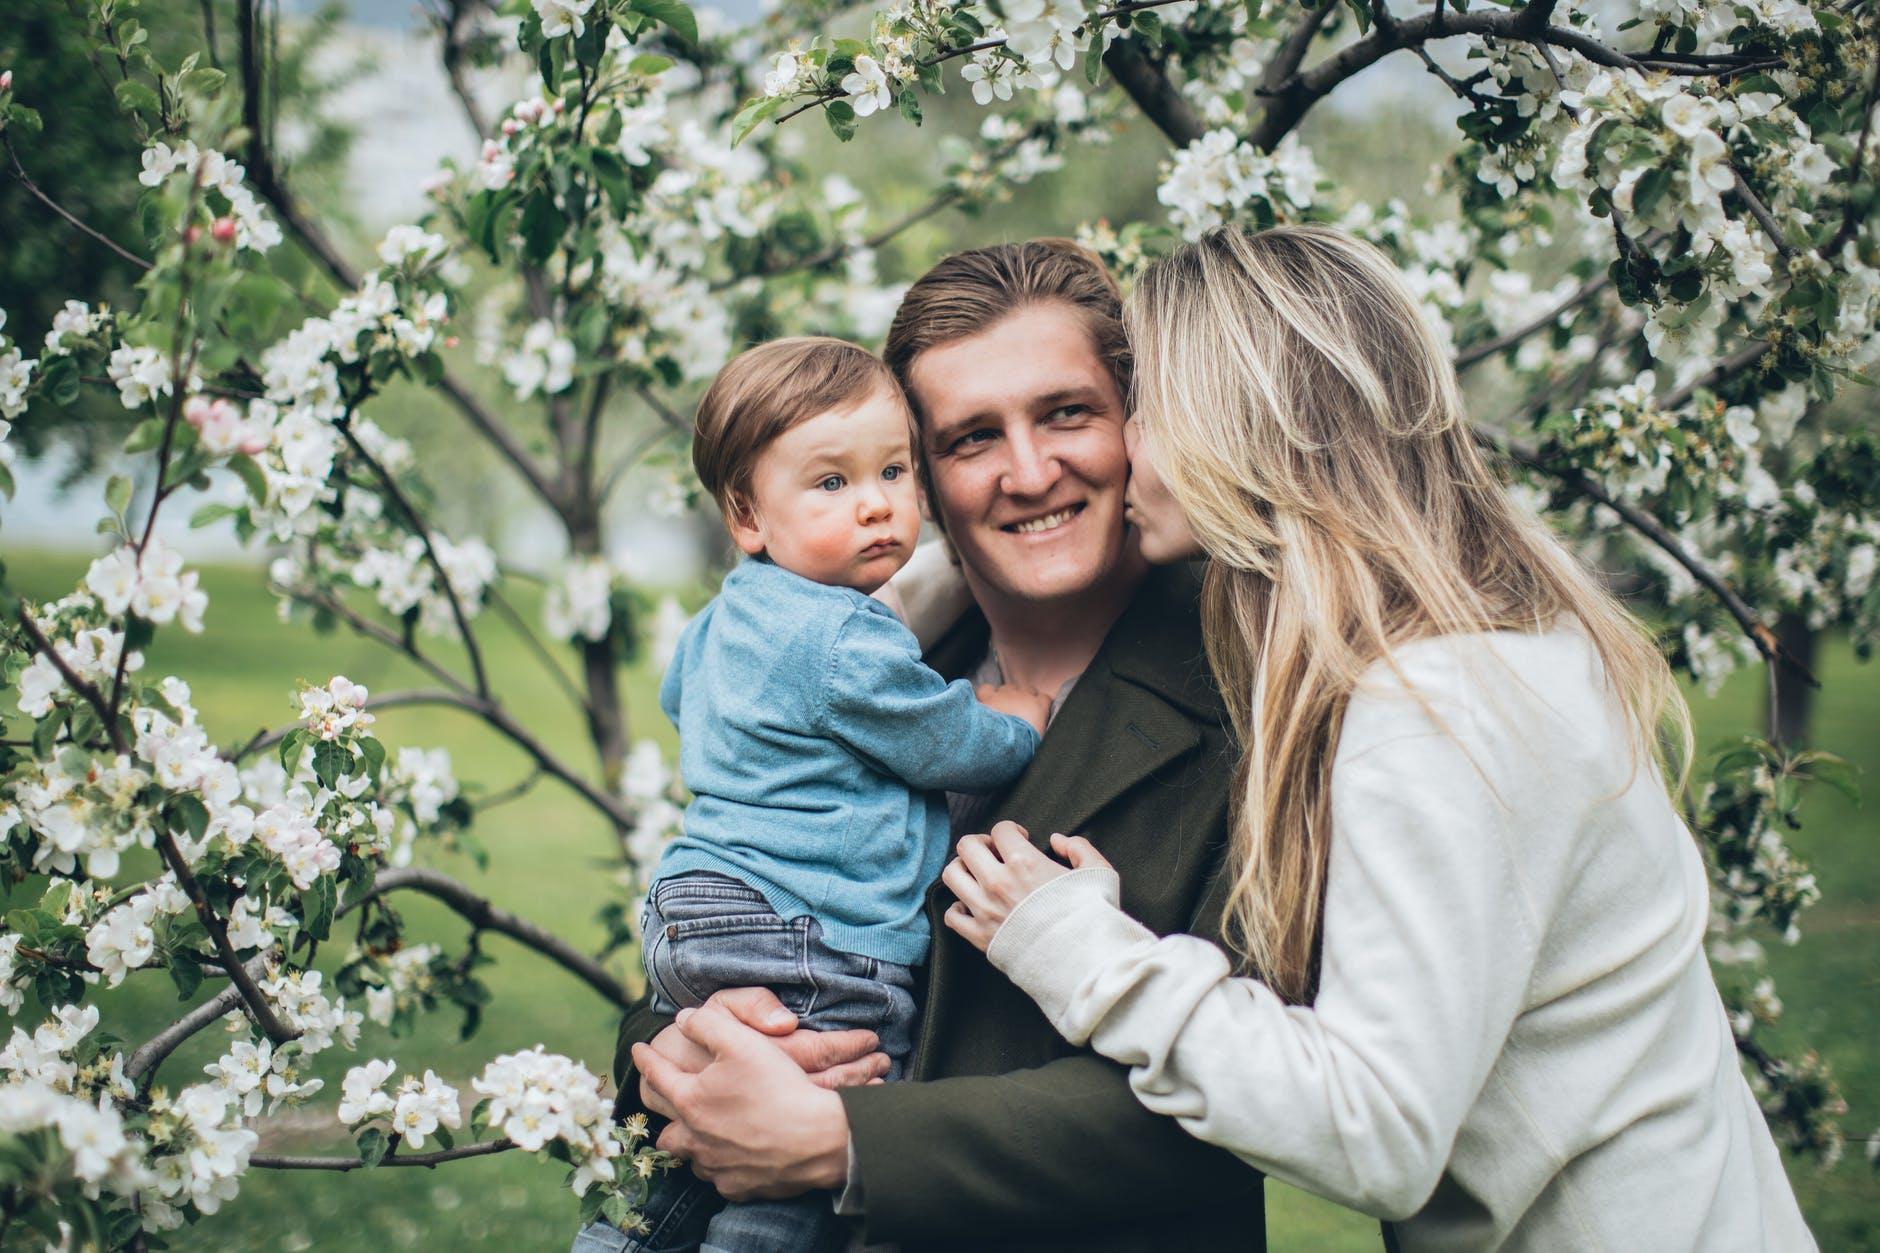 Психолог рассказал, как жена может помочь мужу наладить контакт с детьми – 10 способов